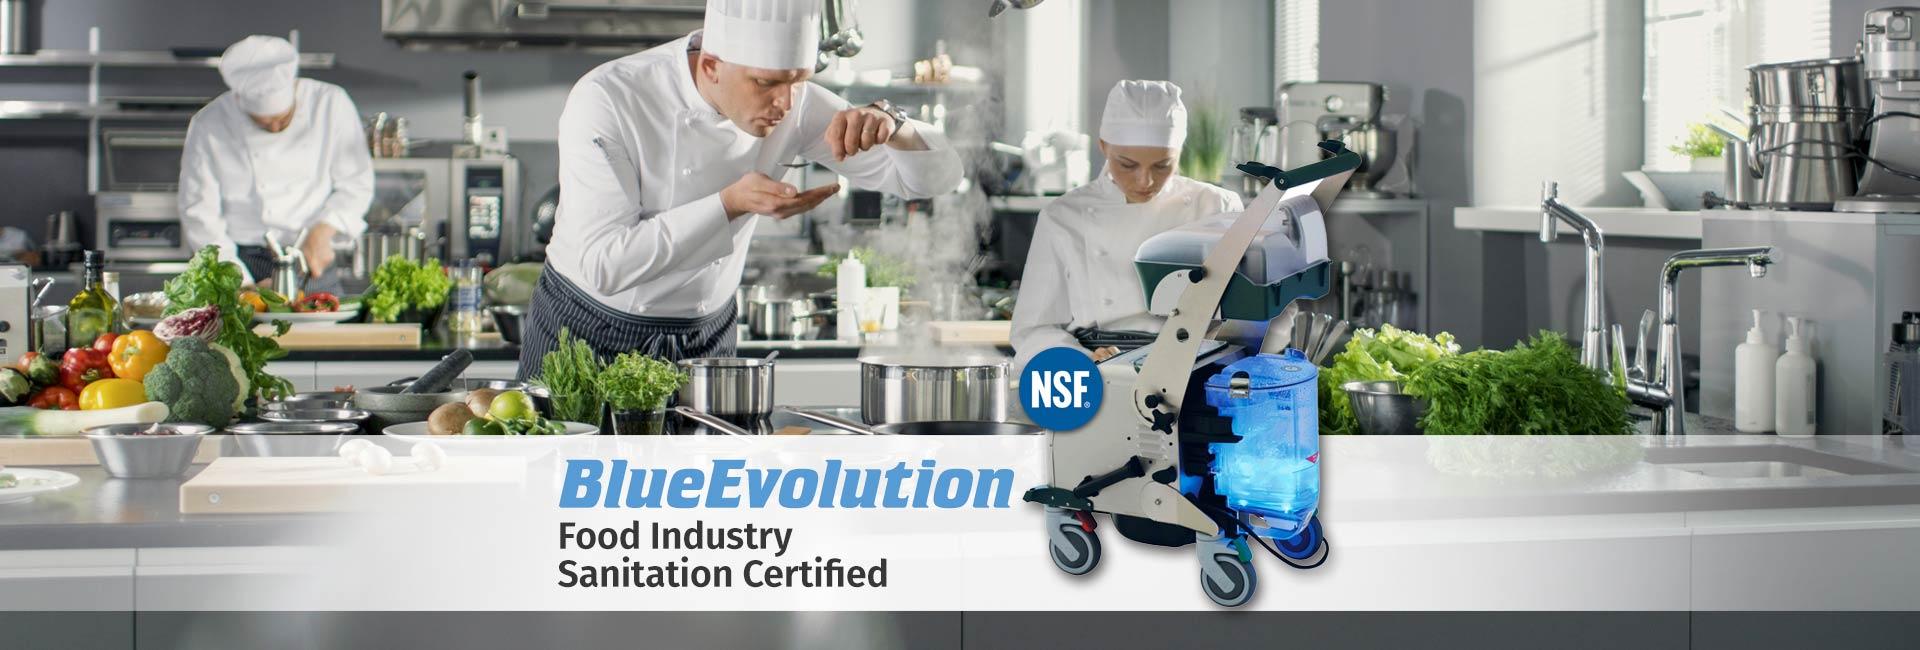 BlueEvolution-steam-cleaner